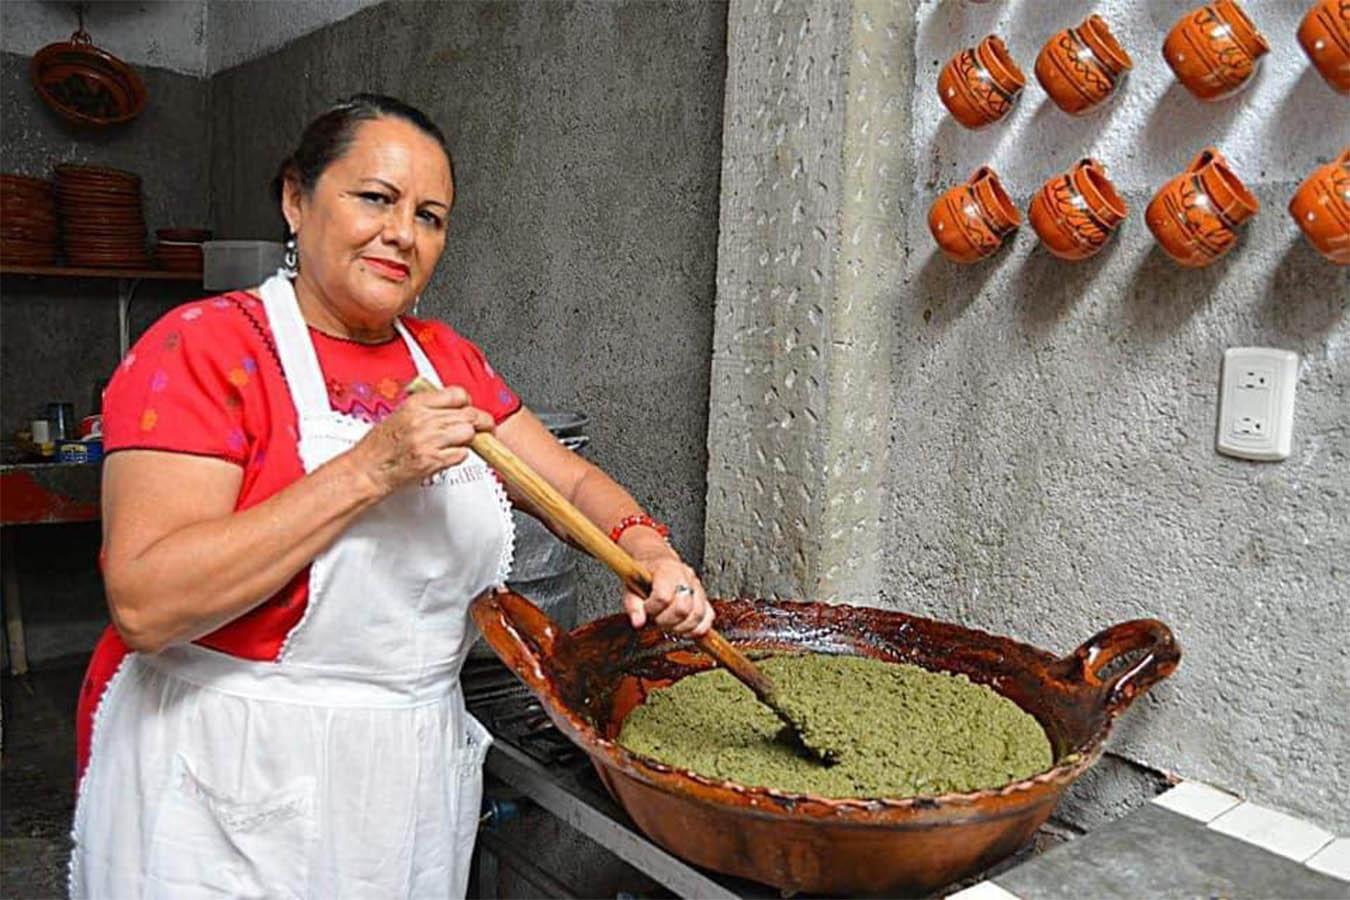 pozole verde de guerrero mole verde cocineras tradicionales luzmy del carmen